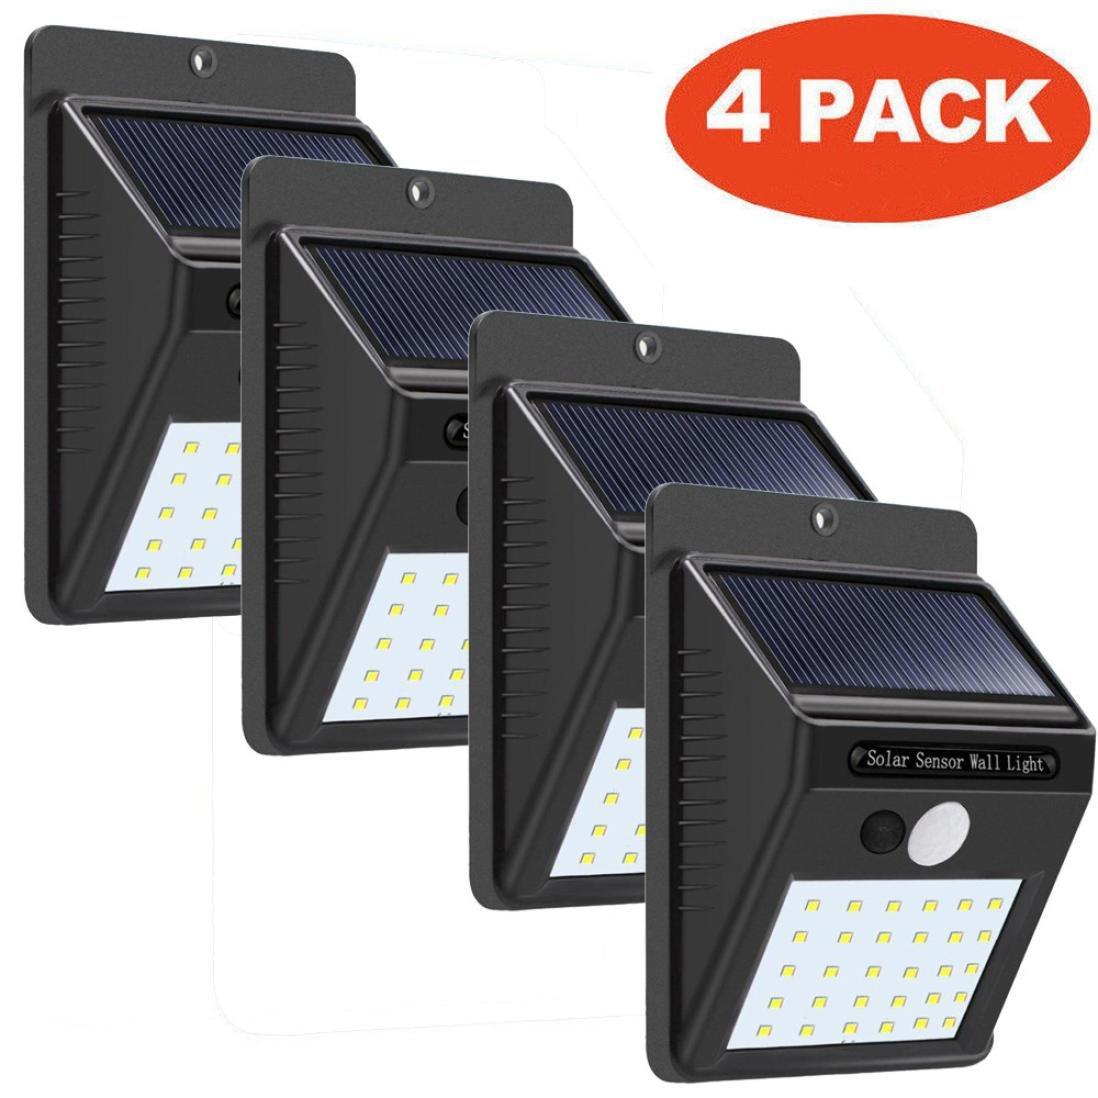 4 x 30 LEDソーラーライト屋外、fheavenスーパー明るいIextremeソーラーモーションセンサーライト、ワイヤレス防水セキュリティライト壁、私道、パティオ、庭、ガーデン B07BFTMF29